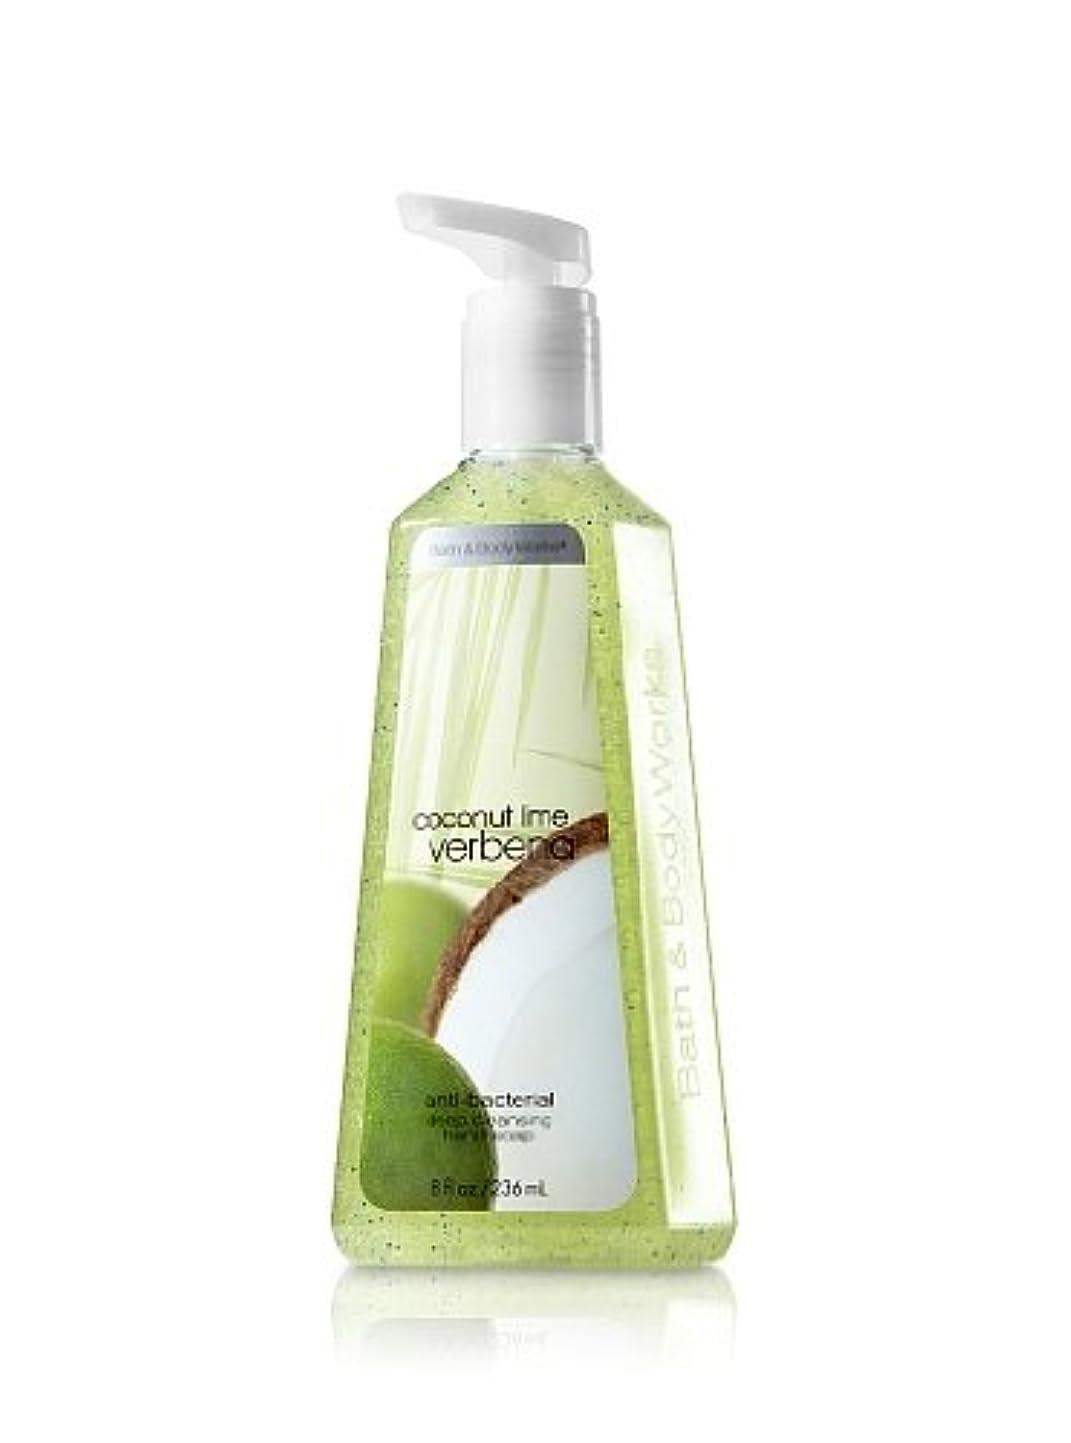 瞑想的タイプライターベッツィトロットウッドバス&ボディワークス ココナッツライムバーベナ ディープクレンジングハンドソープ Coconut Lime Verbena Deep Cleansing Hand Soap [海外直送品]